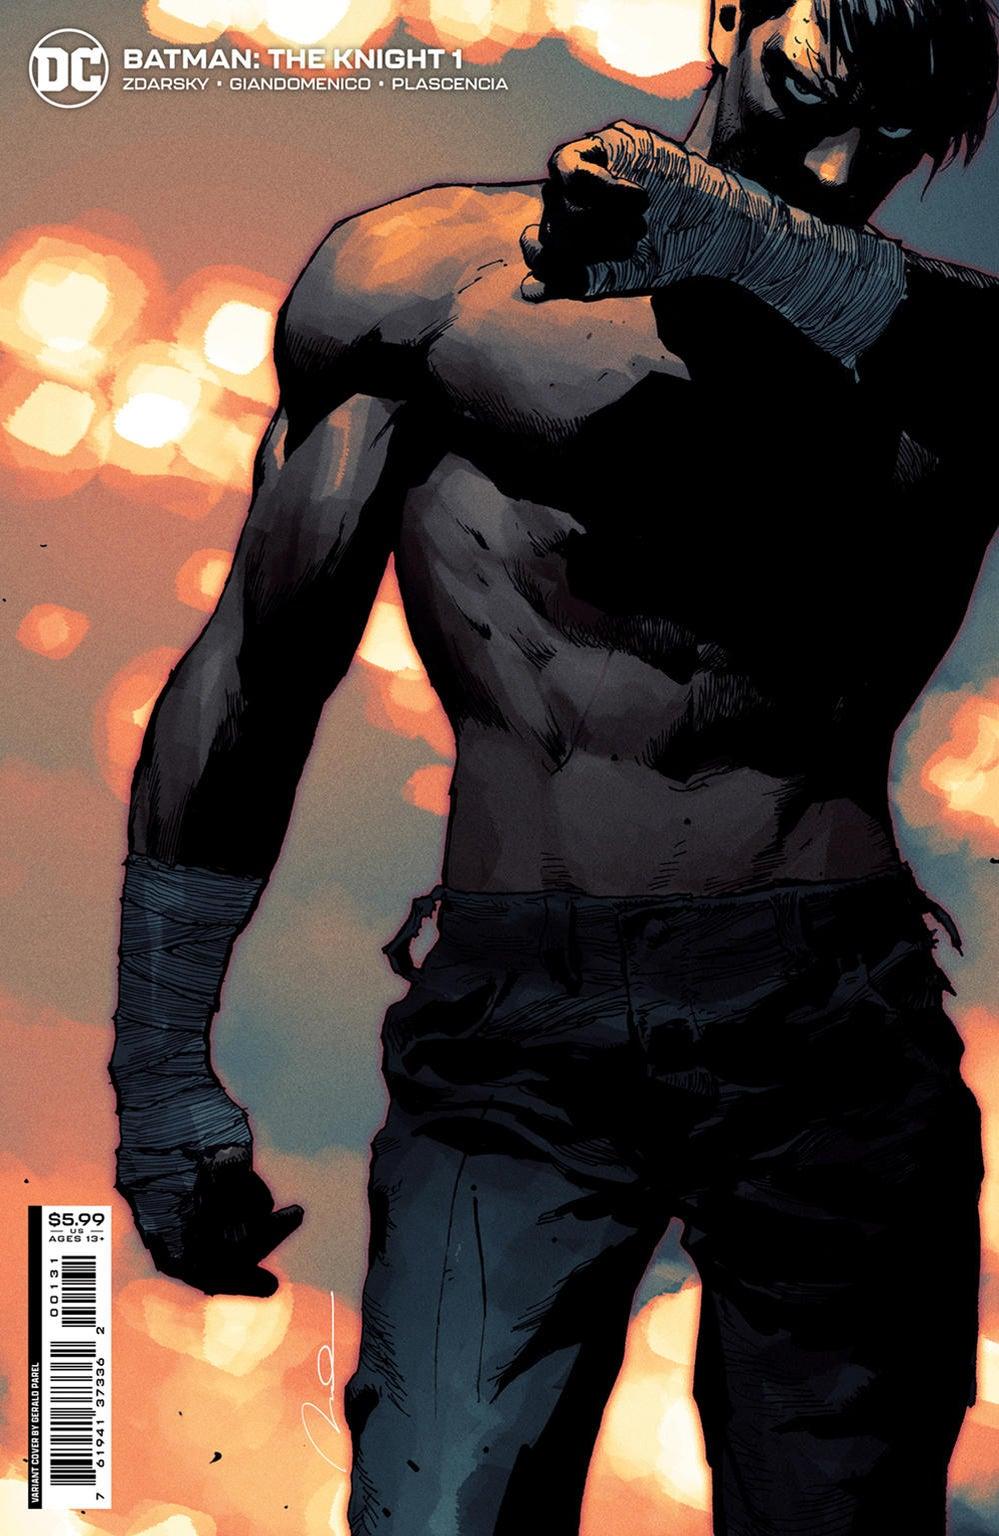 batman-the-knight-cv1-1in25-var-greg-parel.jpg